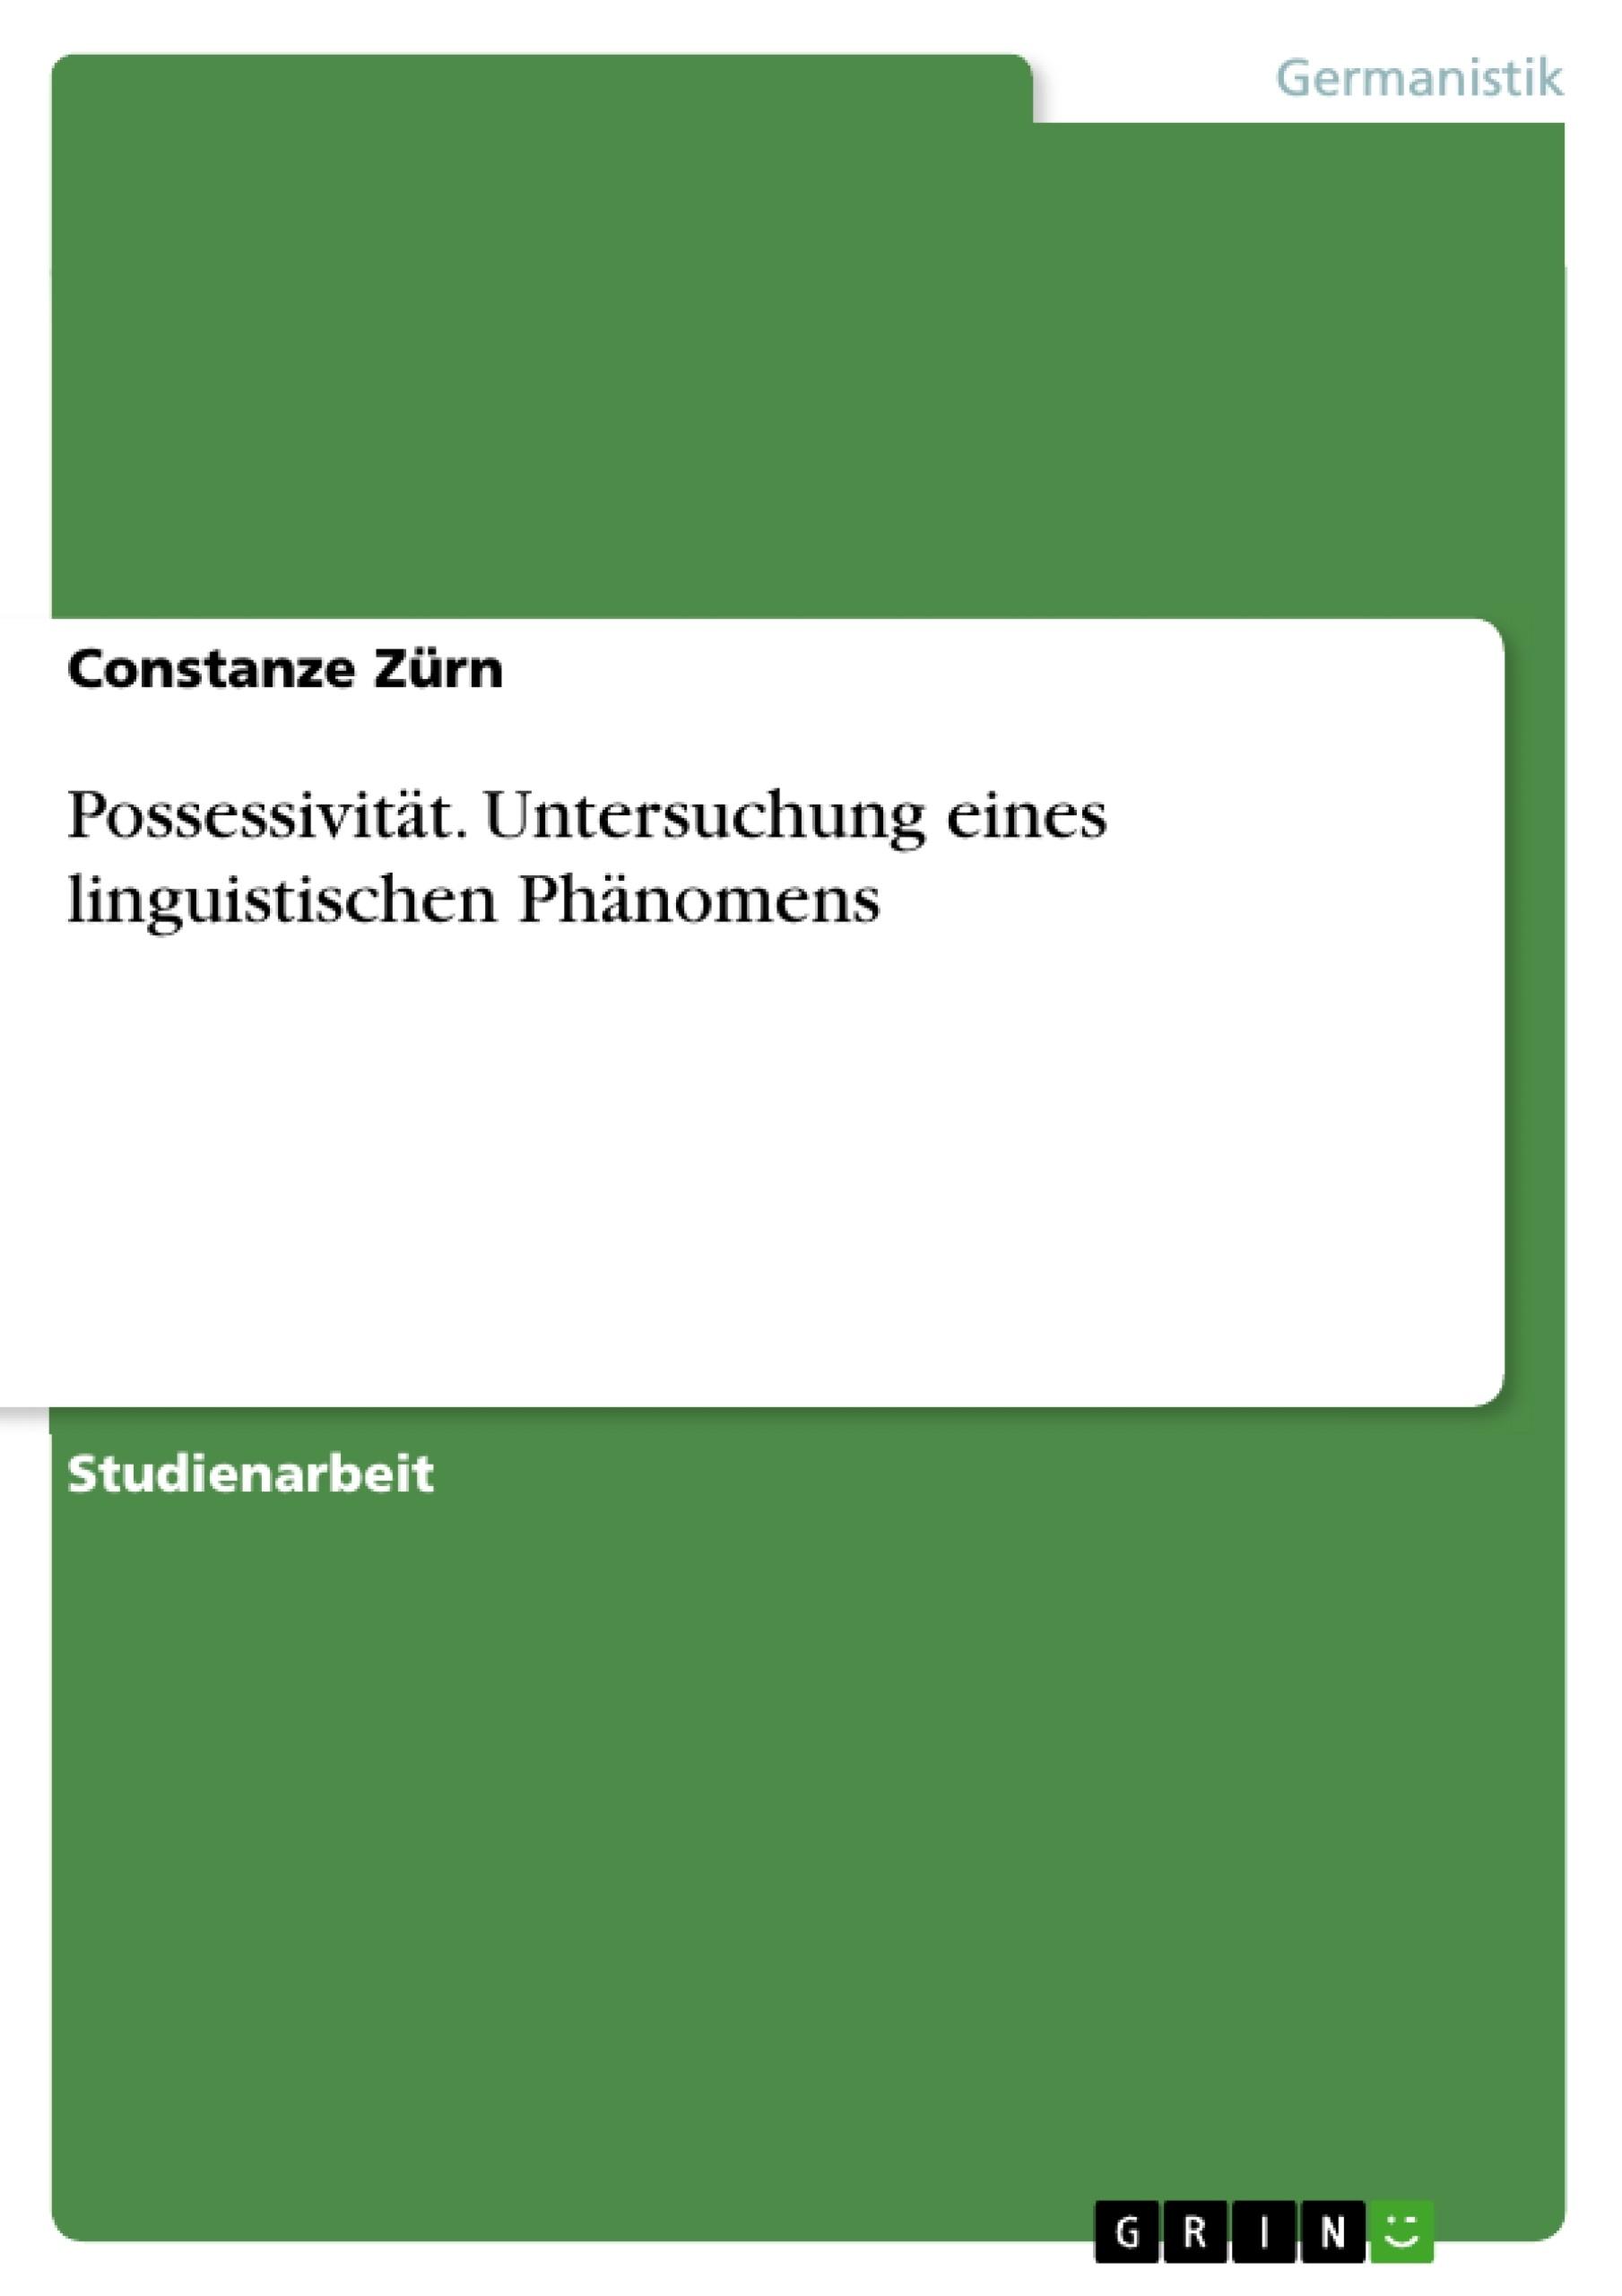 Titel: Possessivität. Untersuchung eines linguistischen Phänomens